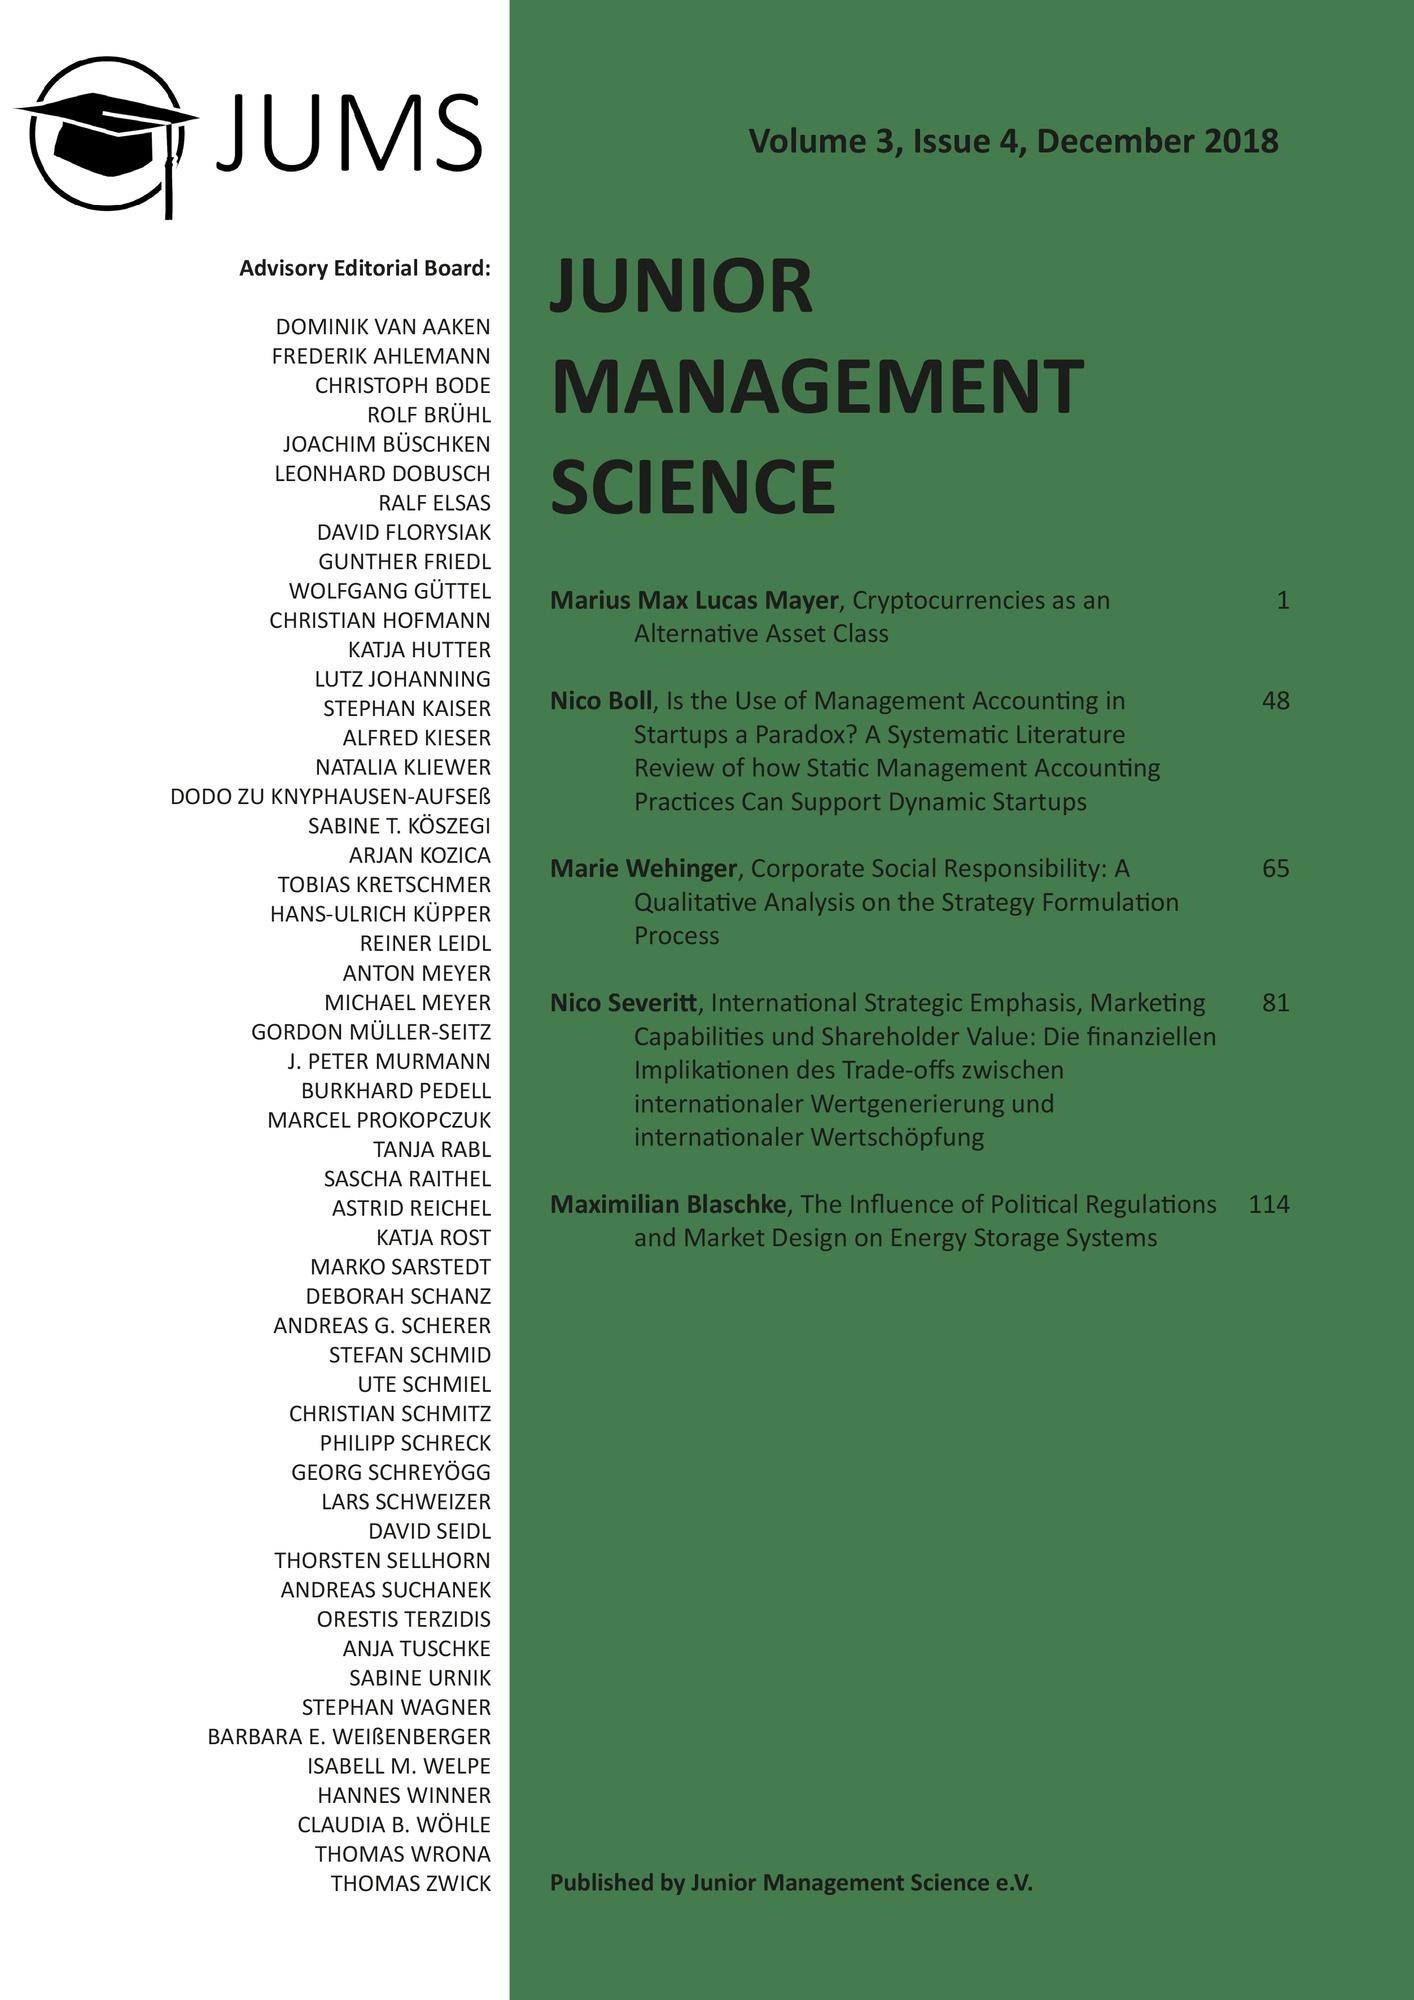 Titel: Junior Management Science, Volume 3, Issue 4, December 2018